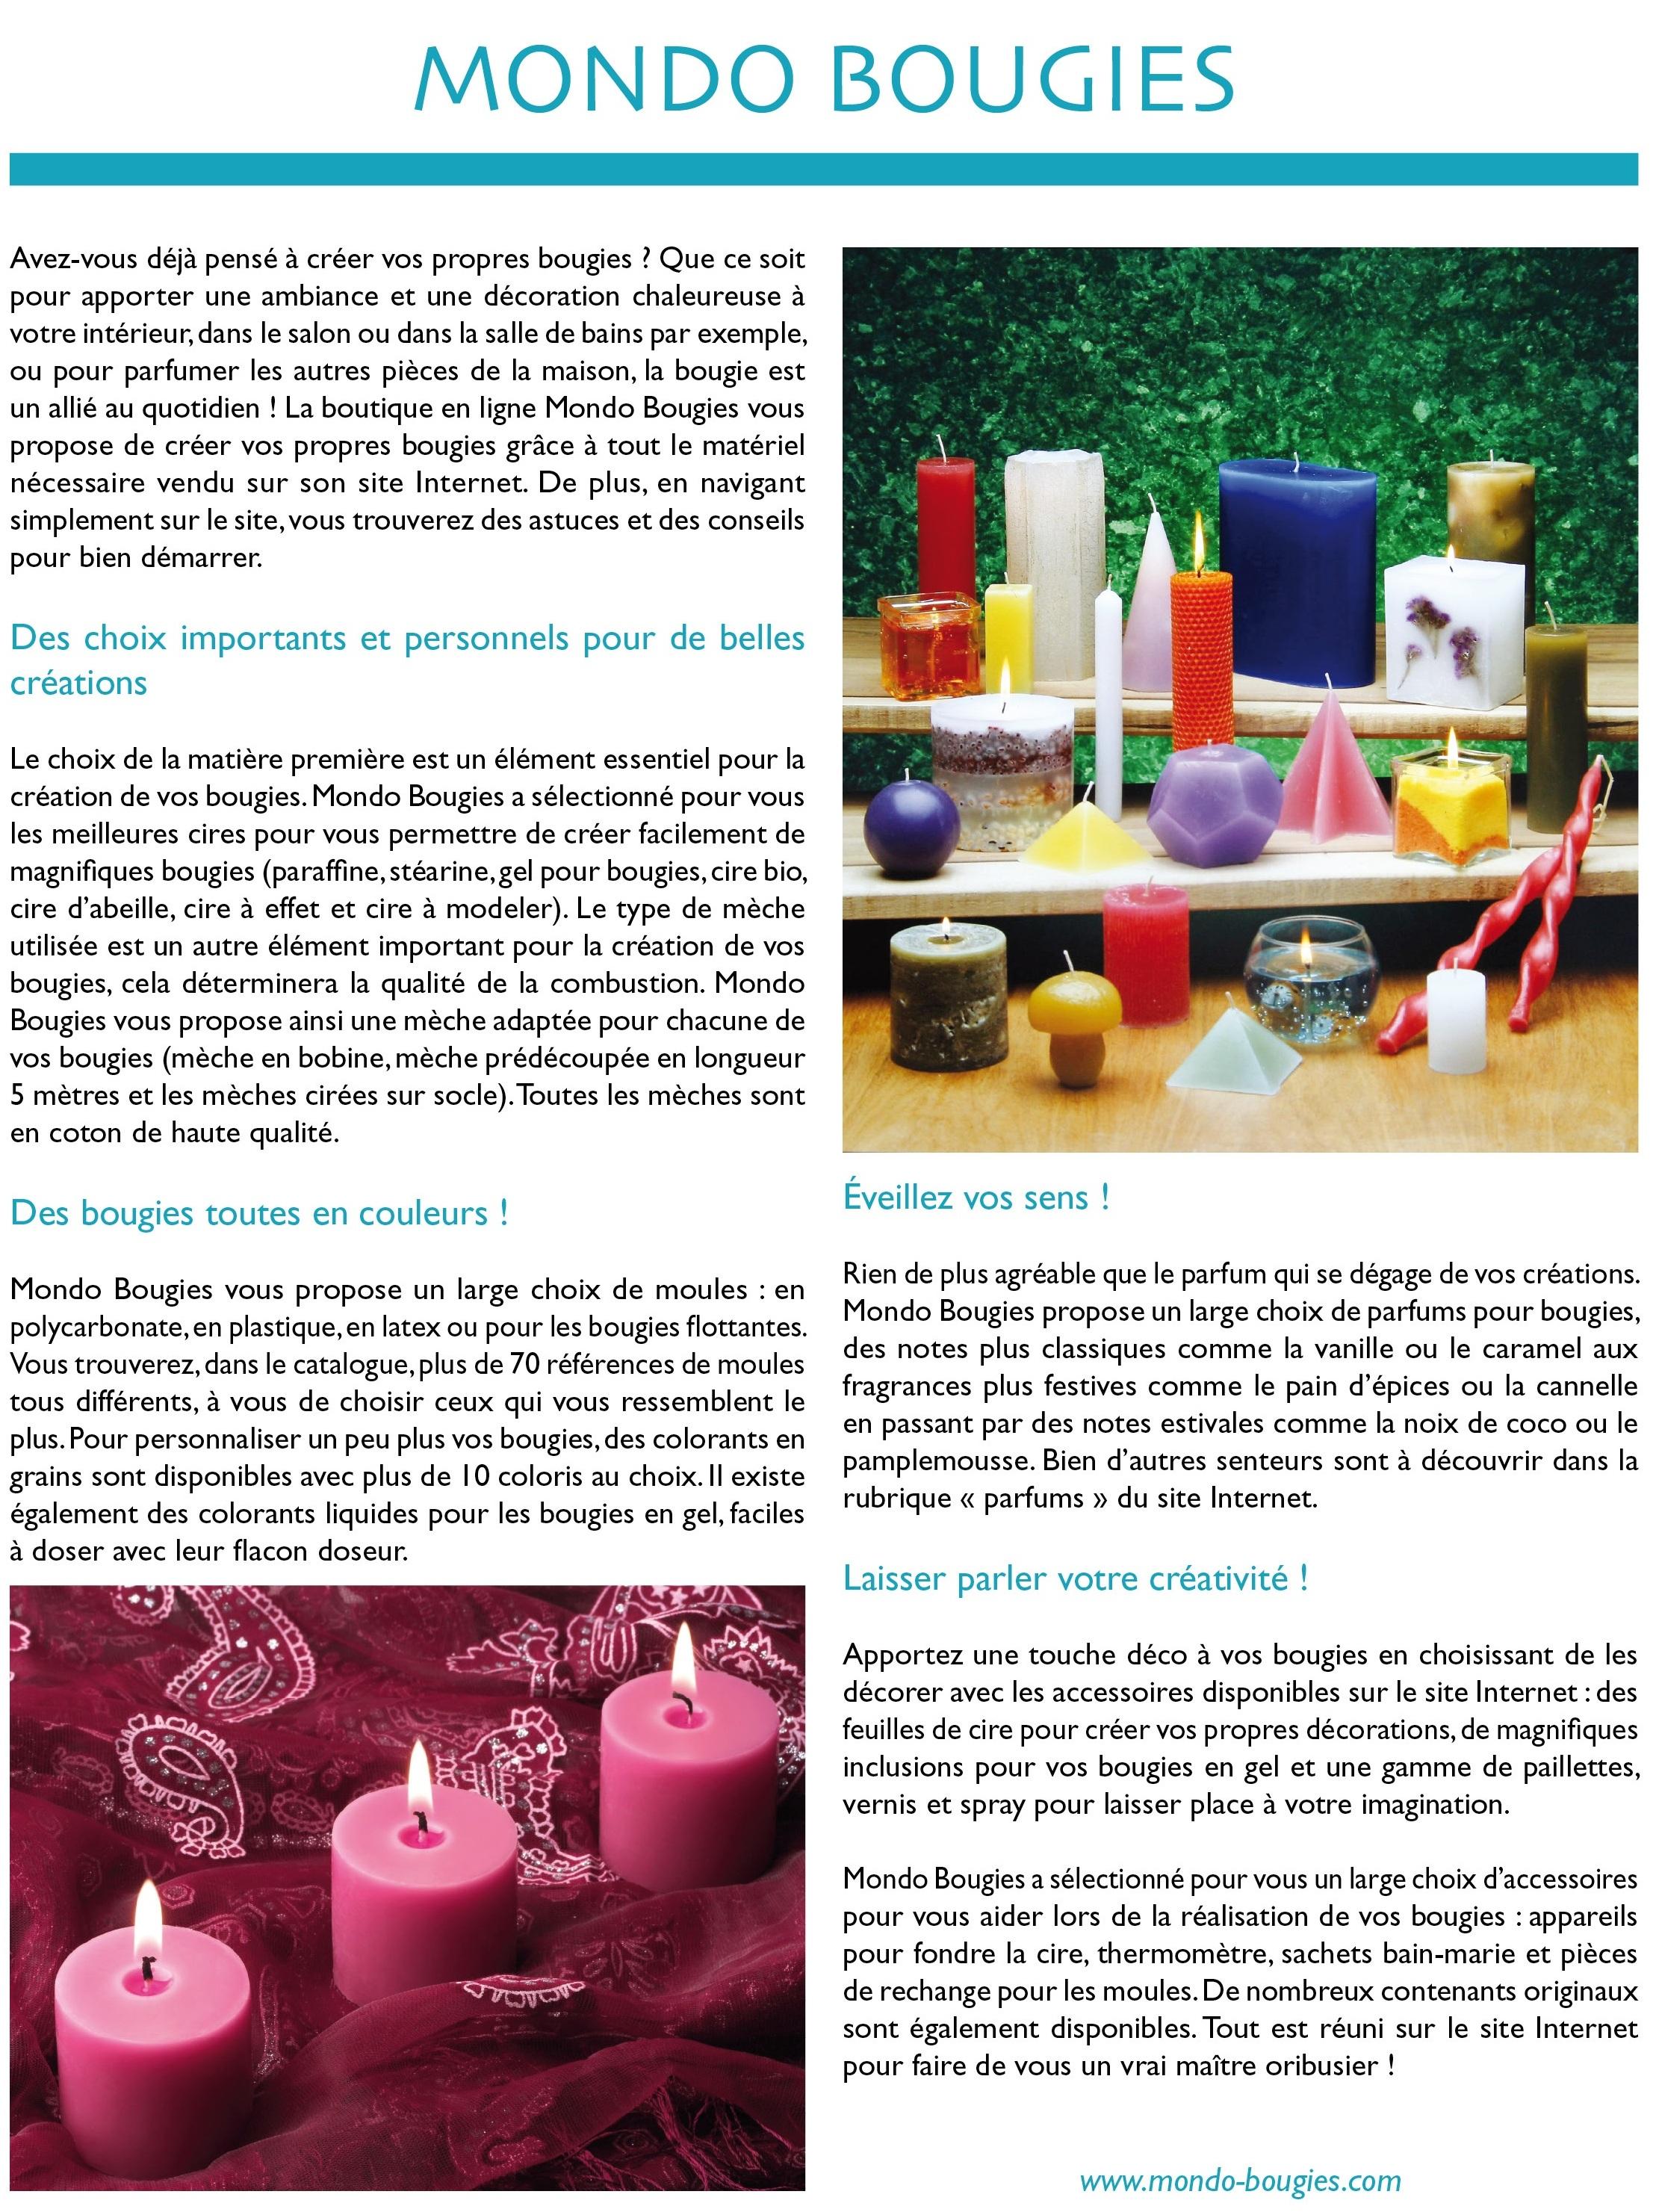 Mondo Bougies - Déco Mag page 1